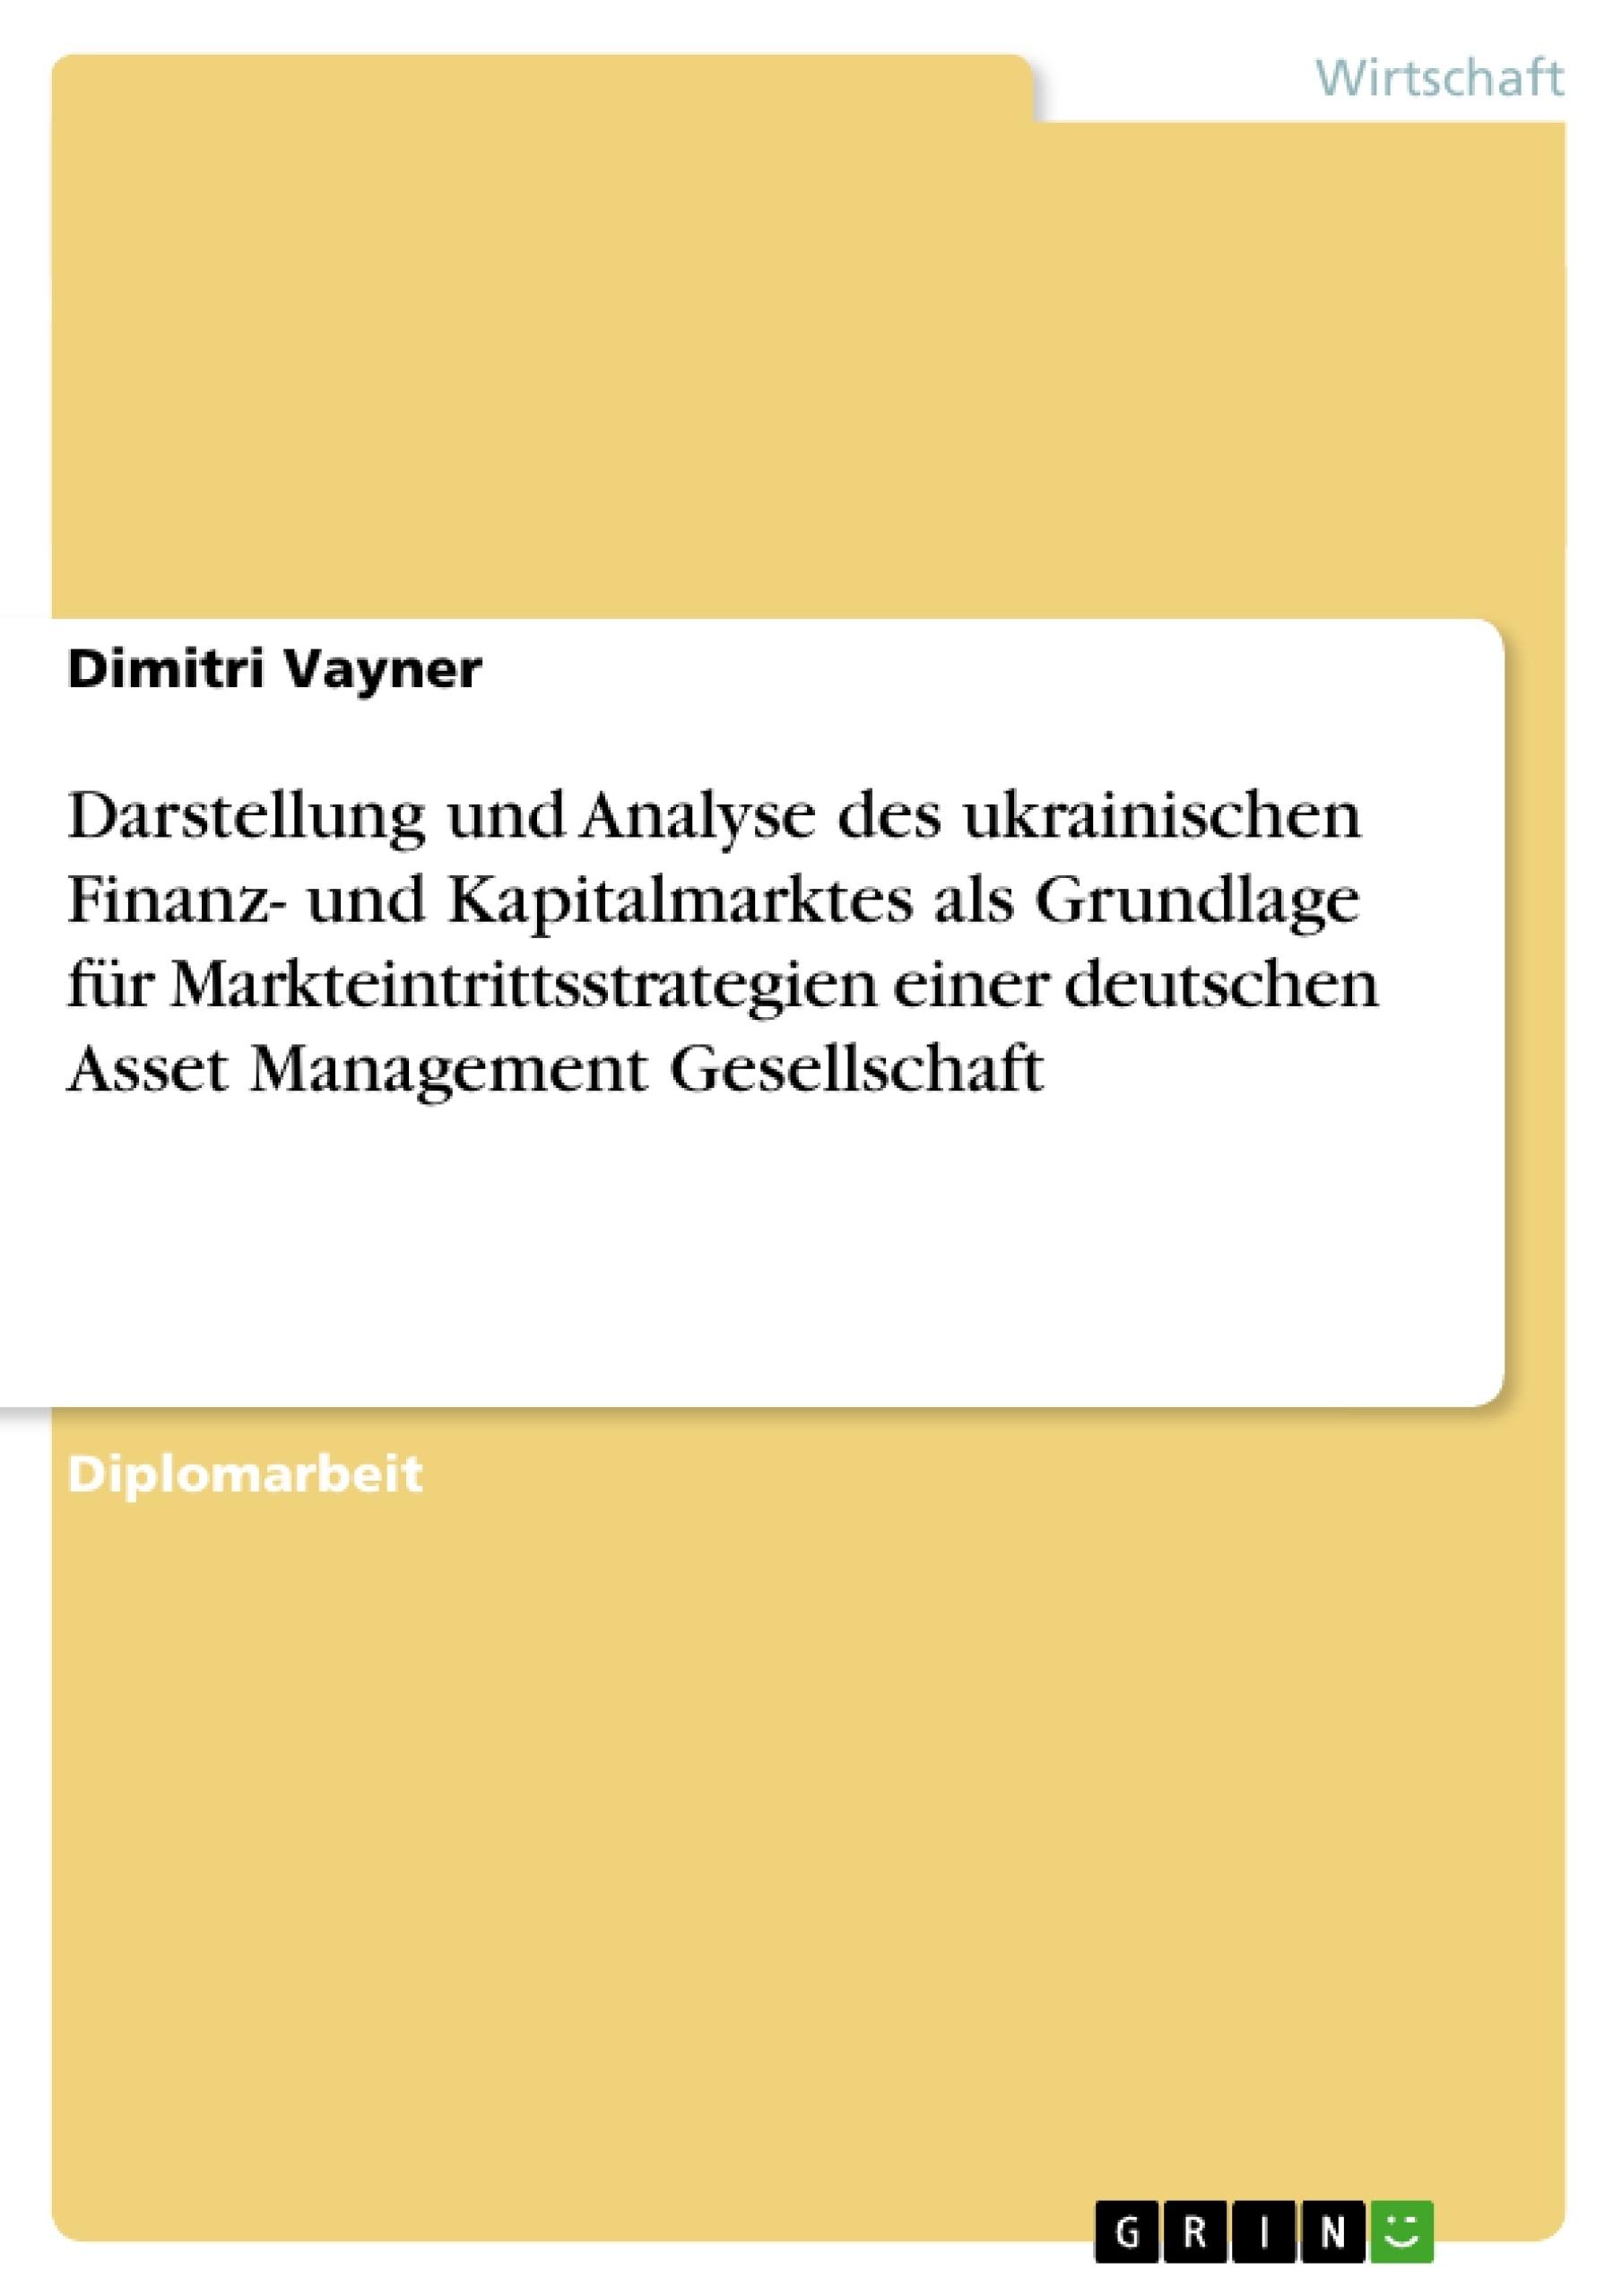 Titel: Darstellung und Analyse des ukrainischen Finanz- und Kapitalmarktes als Grundlage für Markteintrittsstrategien einer deutschen Asset Management Gesellschaft